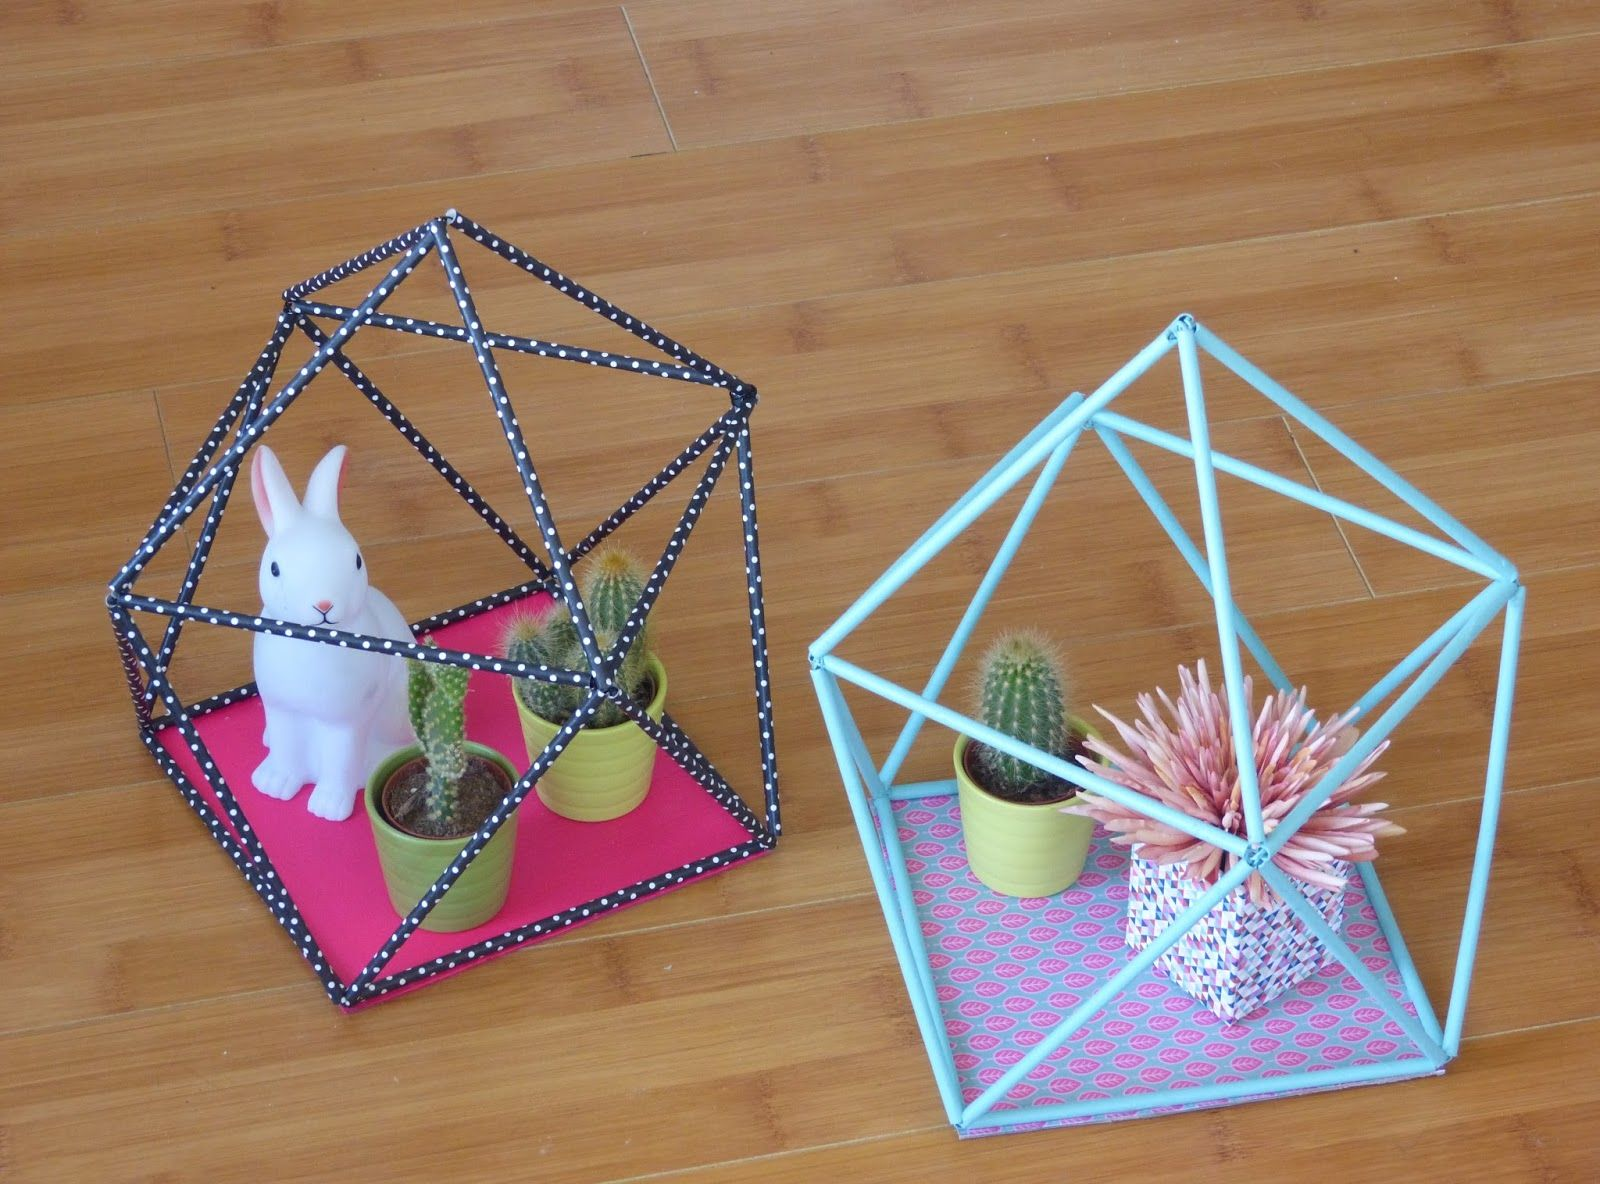 diy terrarium g om trique en pailles geometric straw terrarium une fille hibou diy. Black Bedroom Furniture Sets. Home Design Ideas